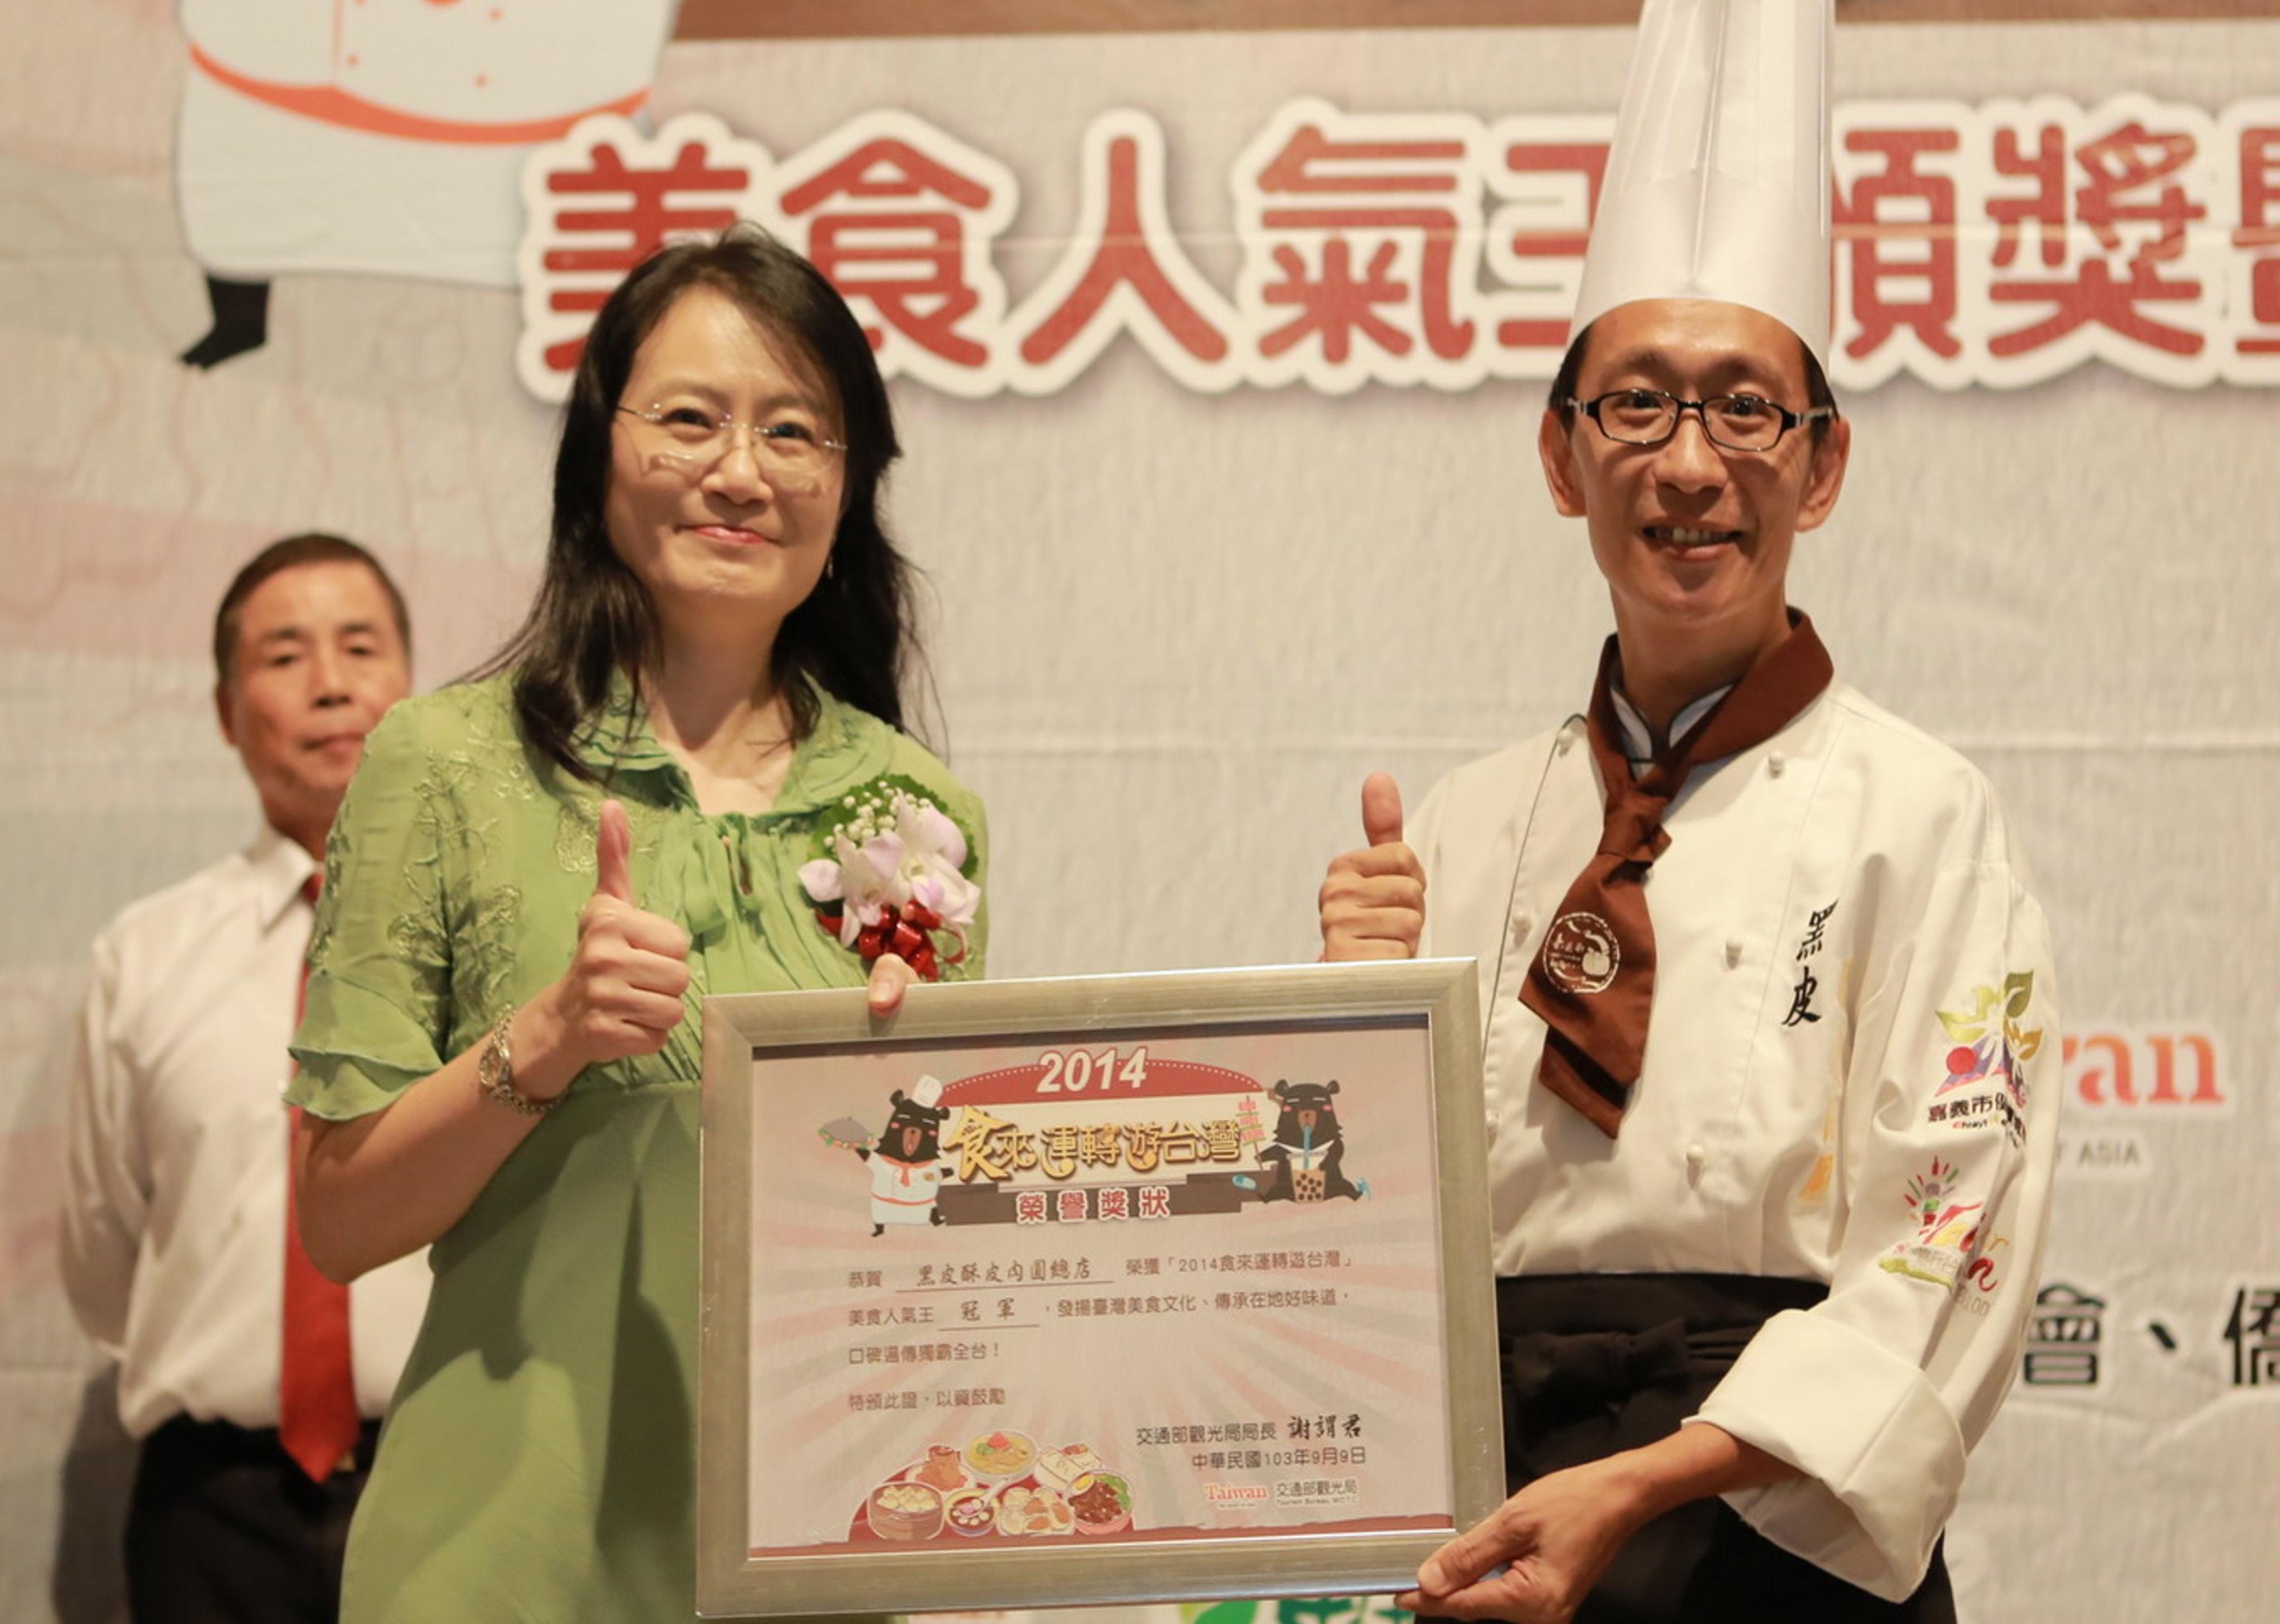 2014交通部食來運轉遊台灣美食PK賽總冠軍